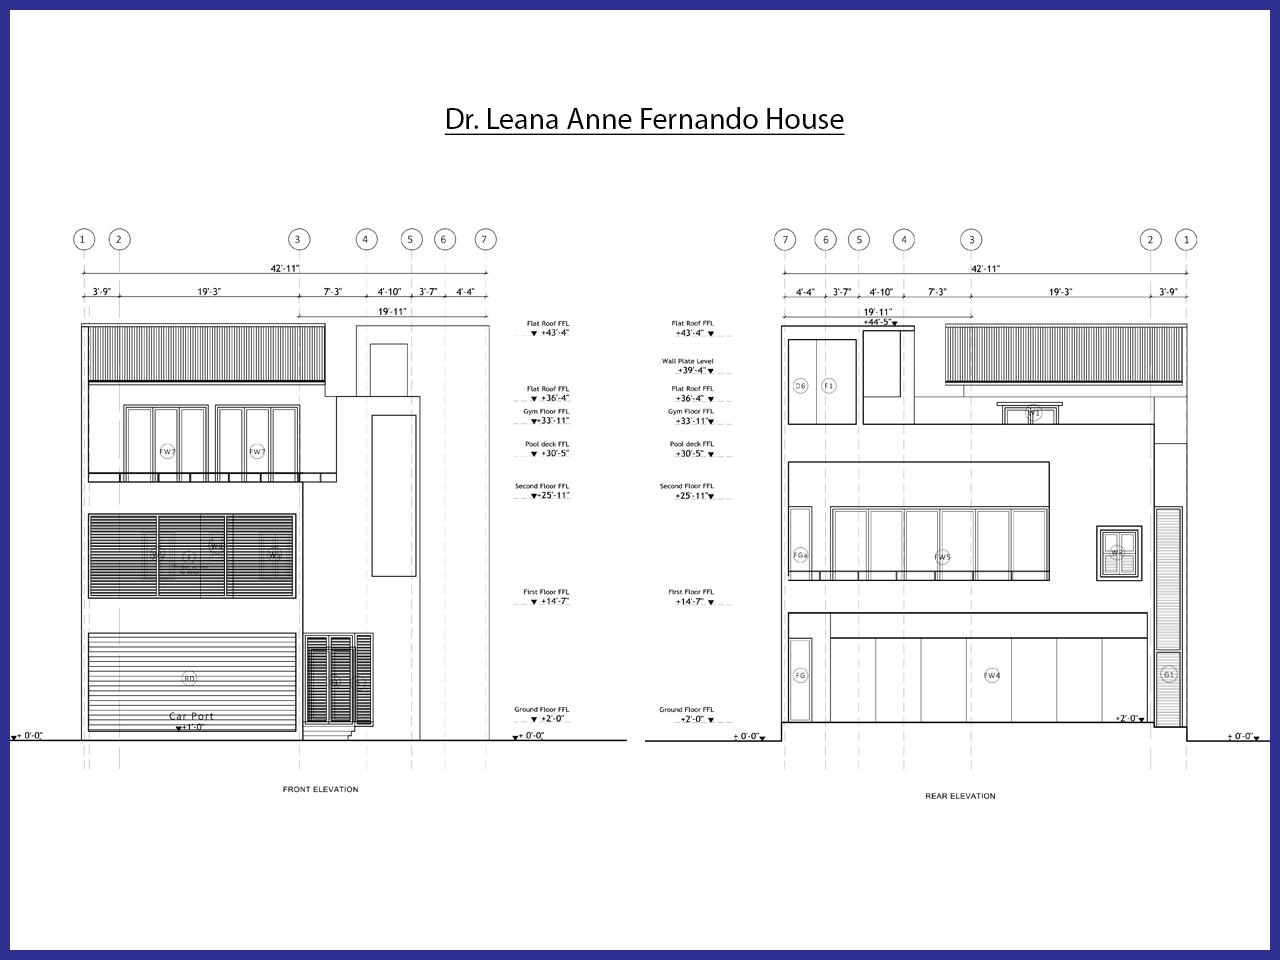 Dr. Leana Anne Fernando House